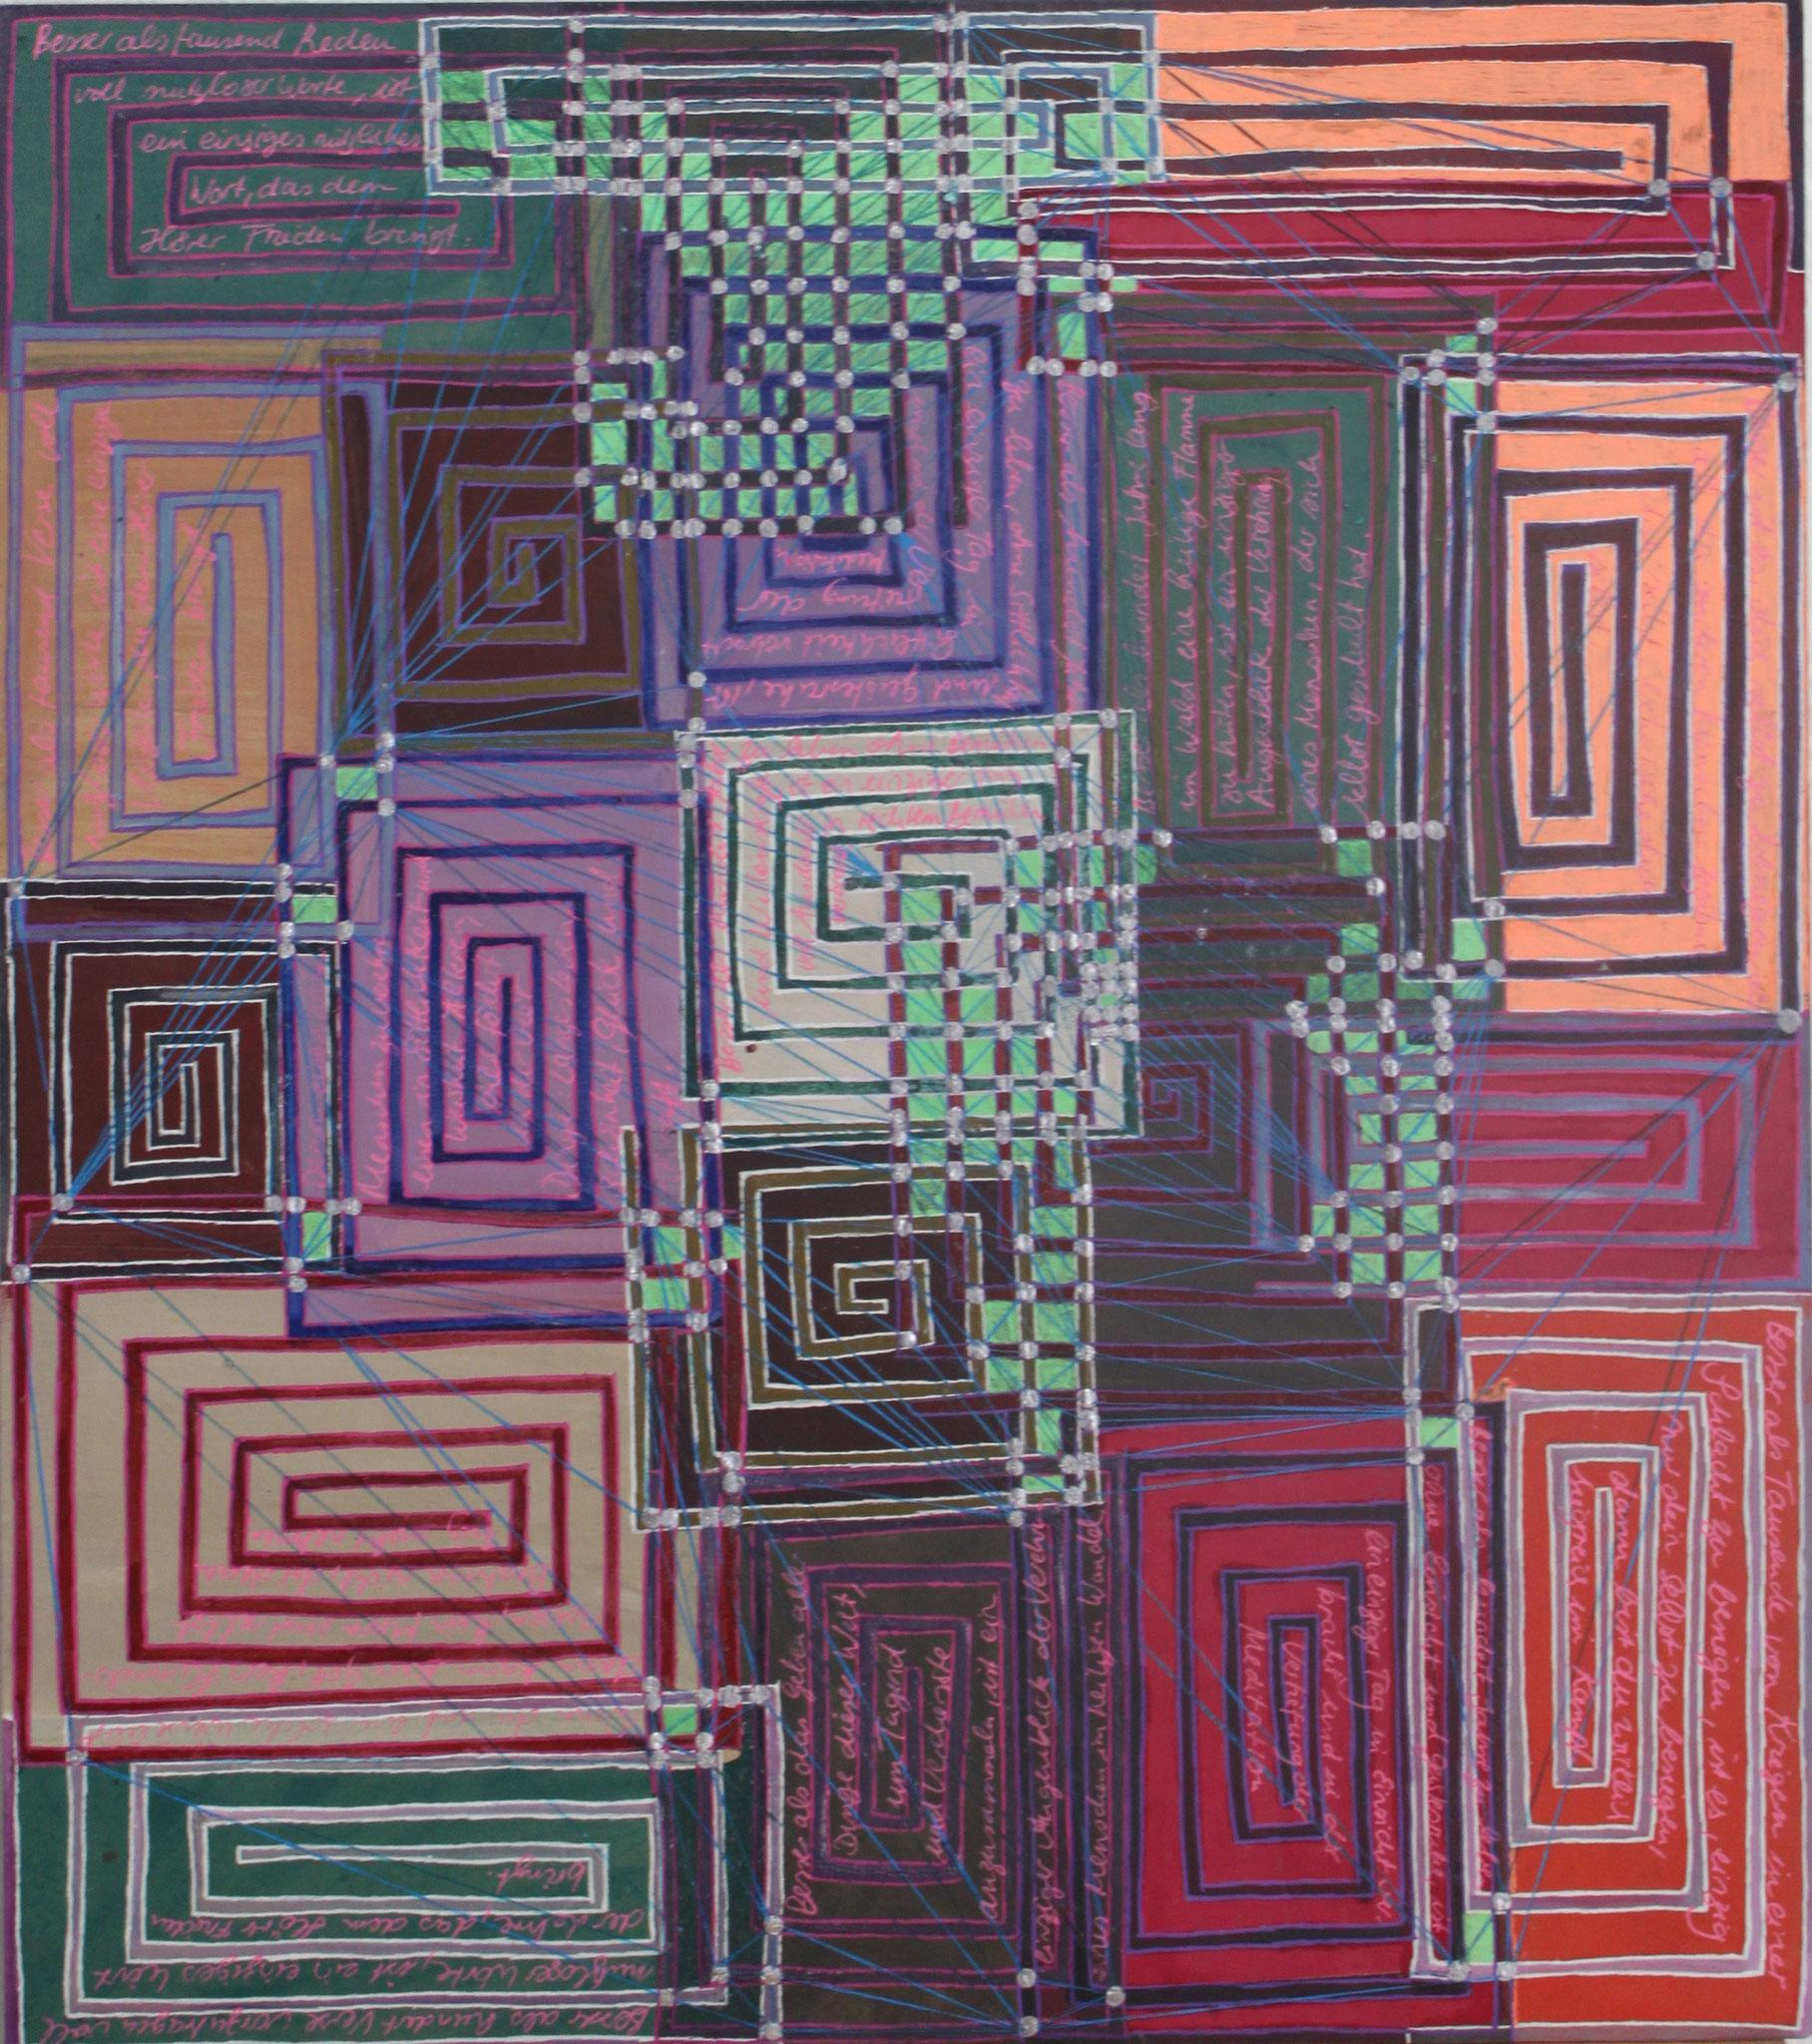 Sakura 8 - Die Tausend; Mischtechnik auf Karton; 42 cm x 37 cm; 2018